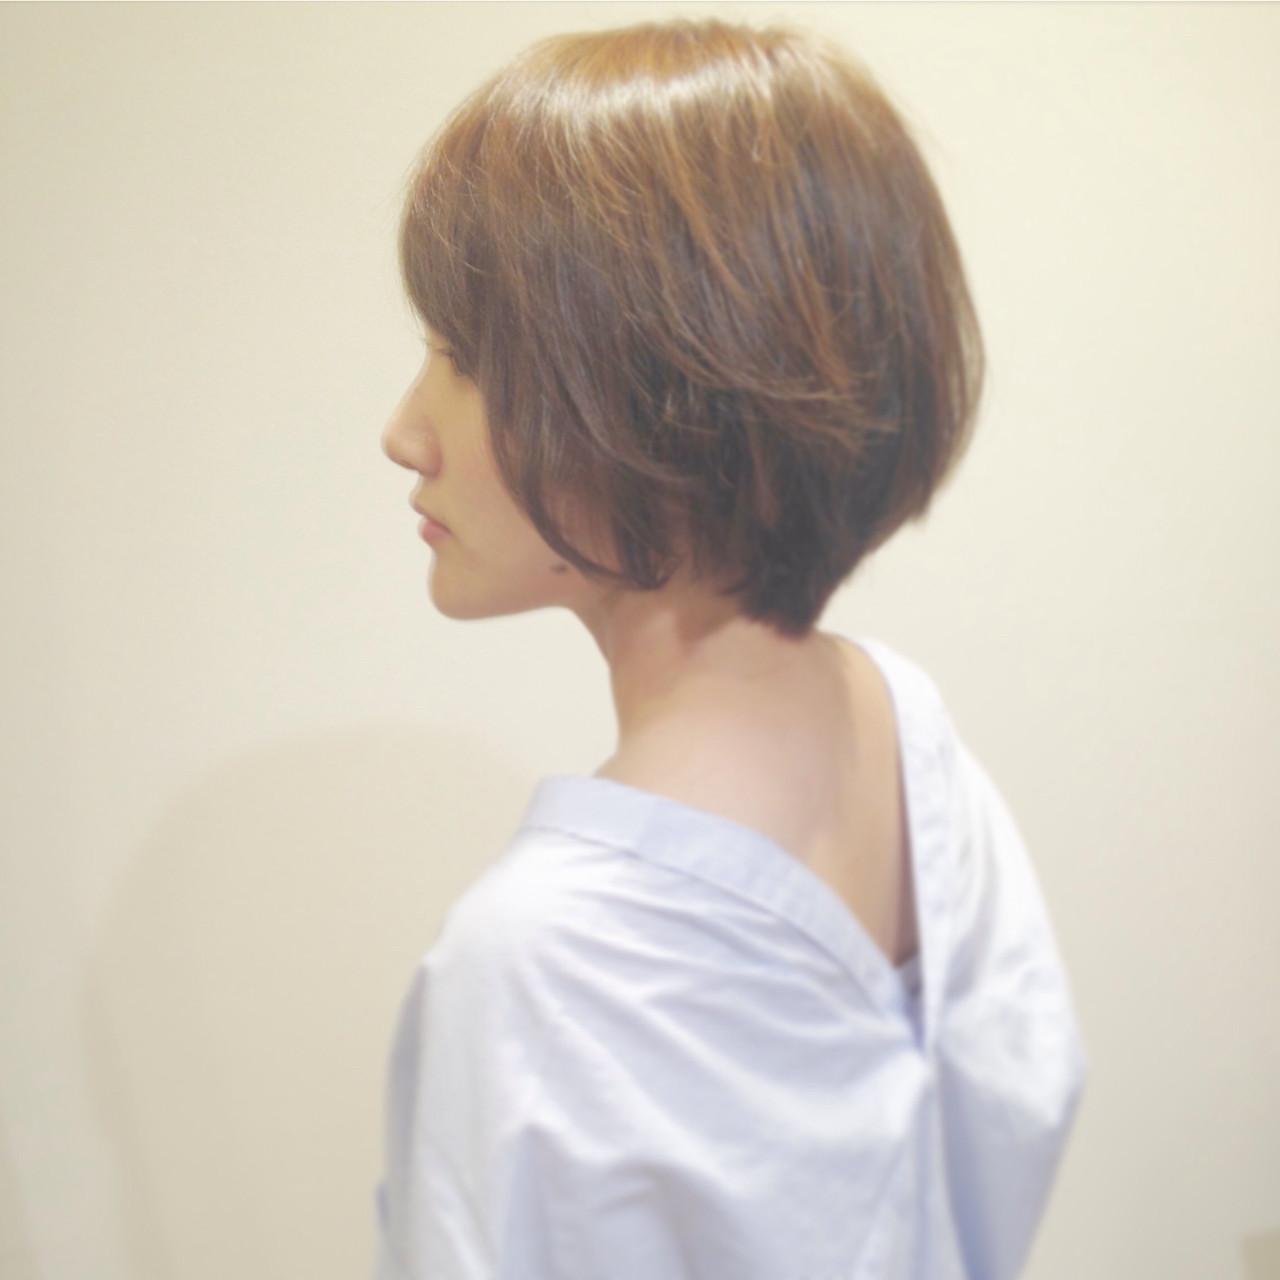 斜め前髪 ショート ナチュラル こなれ感 ヘアスタイルや髪型の写真・画像 | KOJI / ケート ke-to.beautyhair